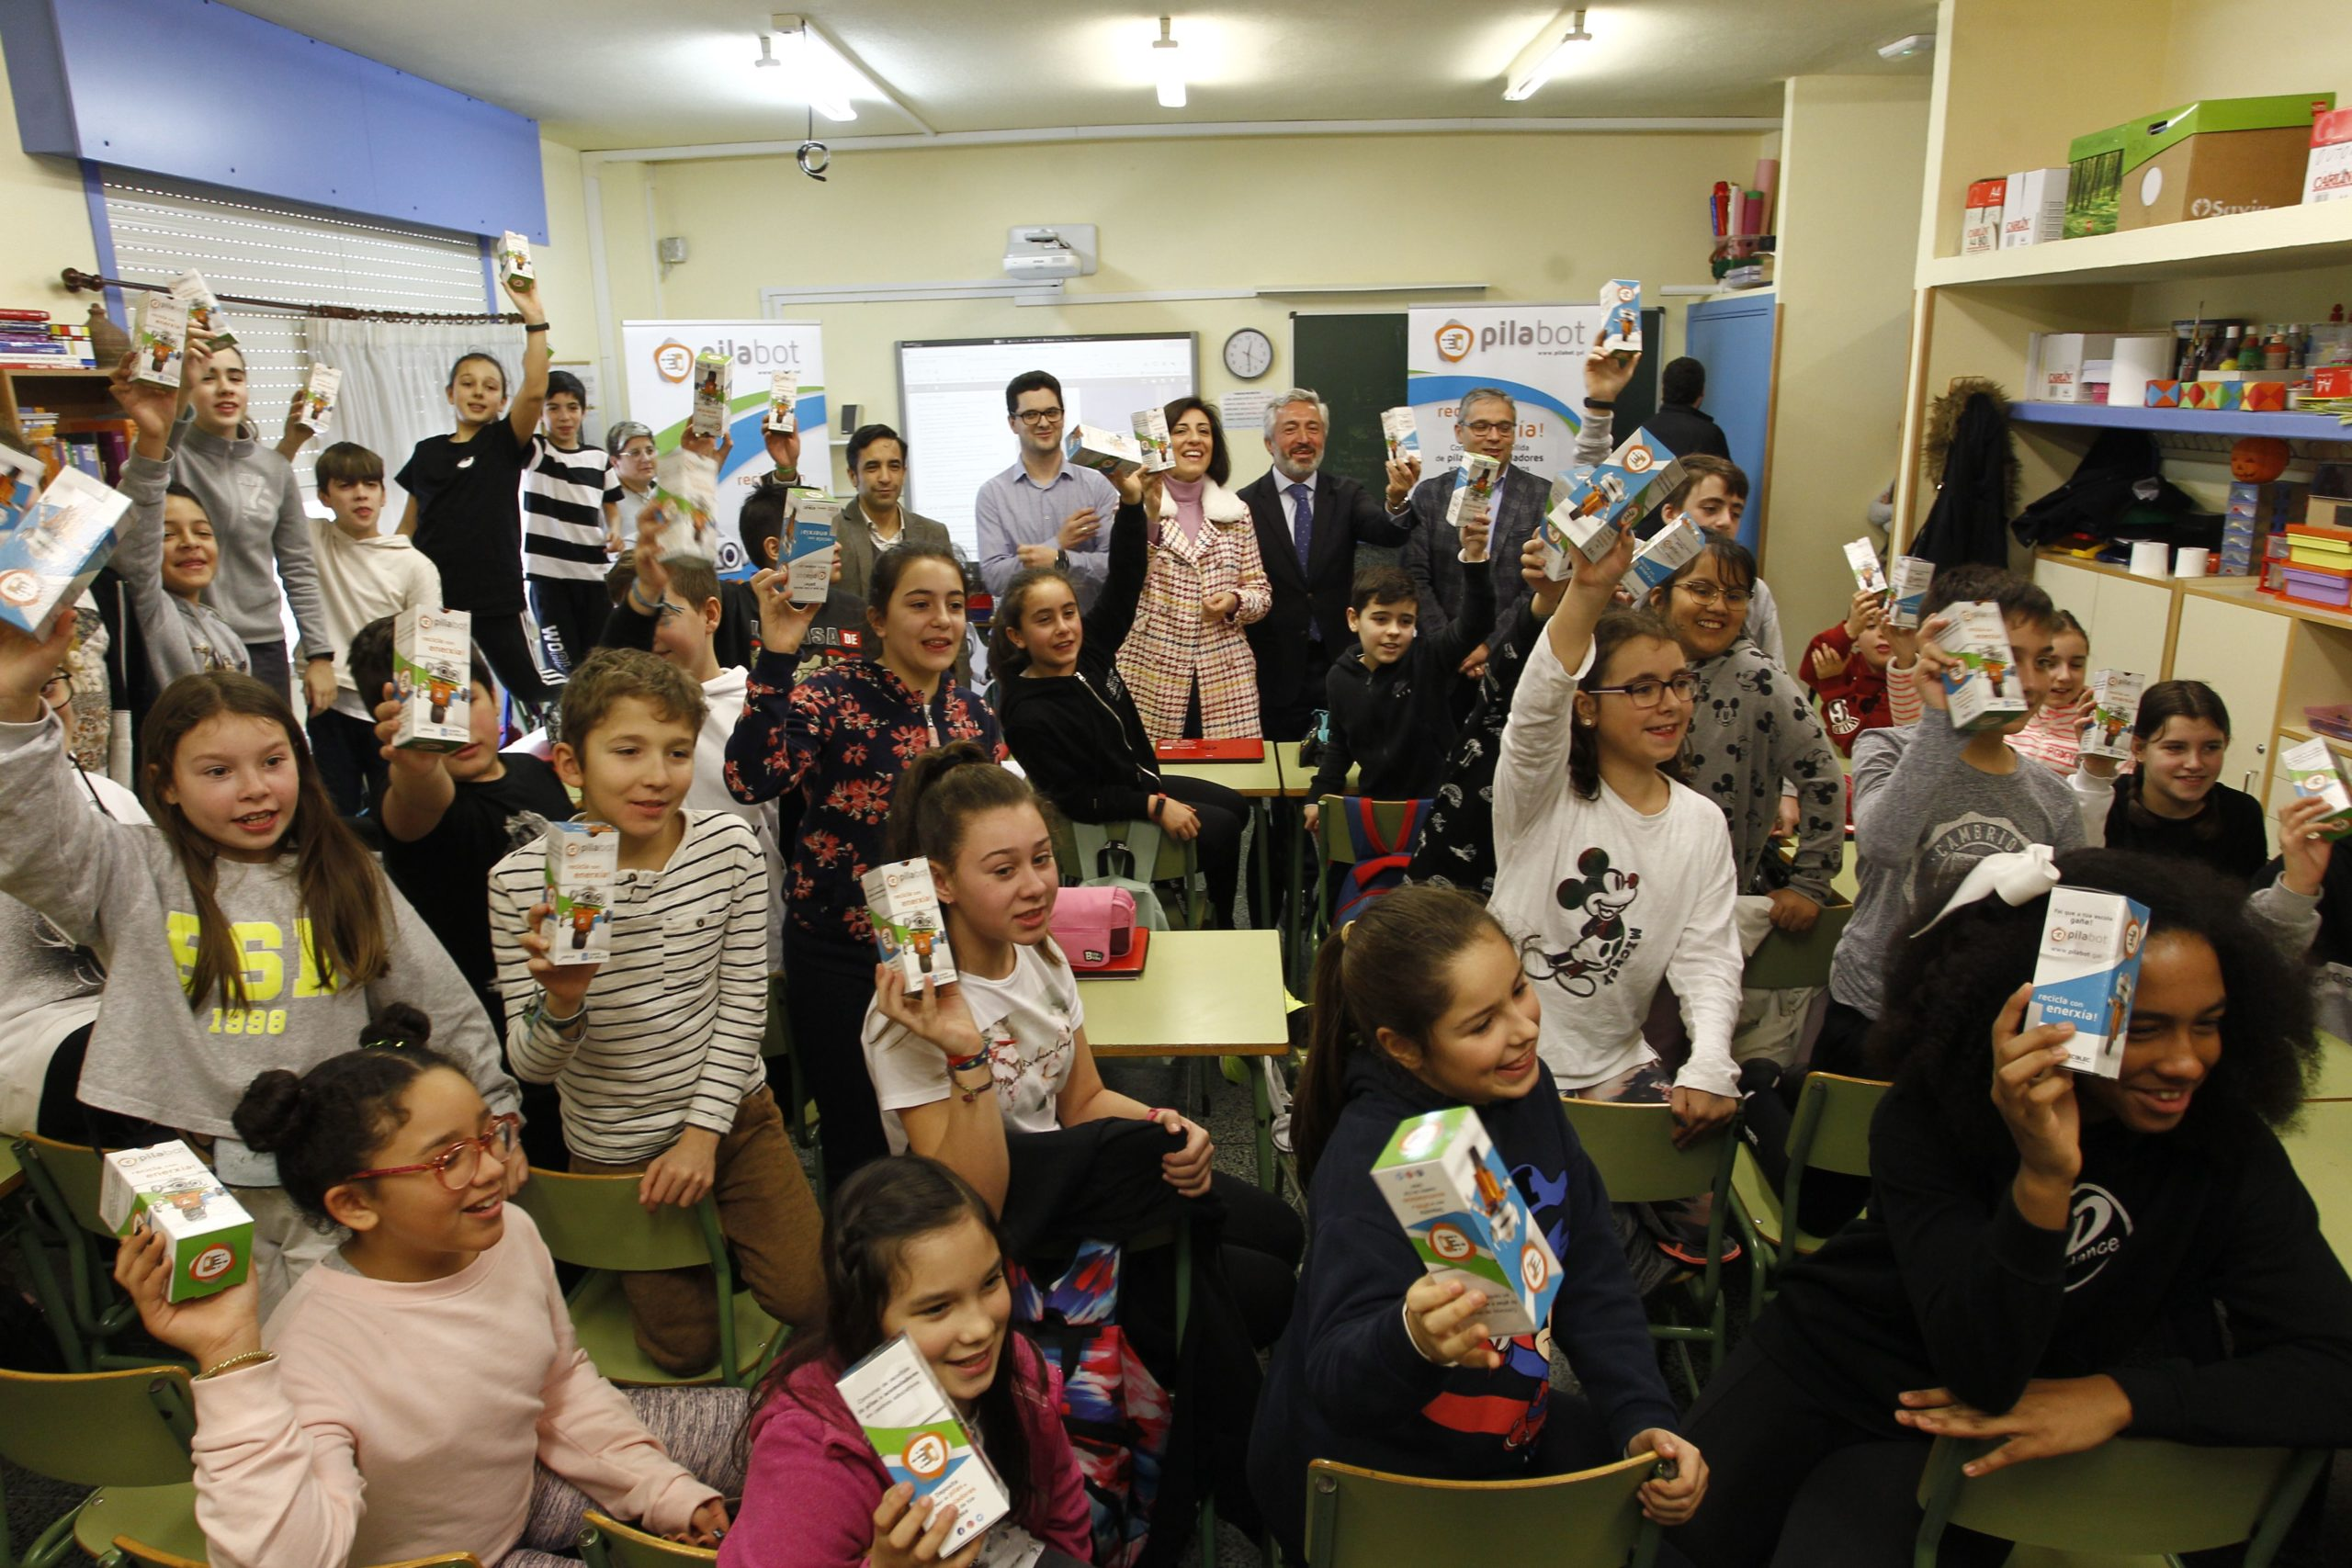 Presentación campaña Pilabot CEIP Ponzos Ángeles Vázquez recollida de pilas escolares Galicia